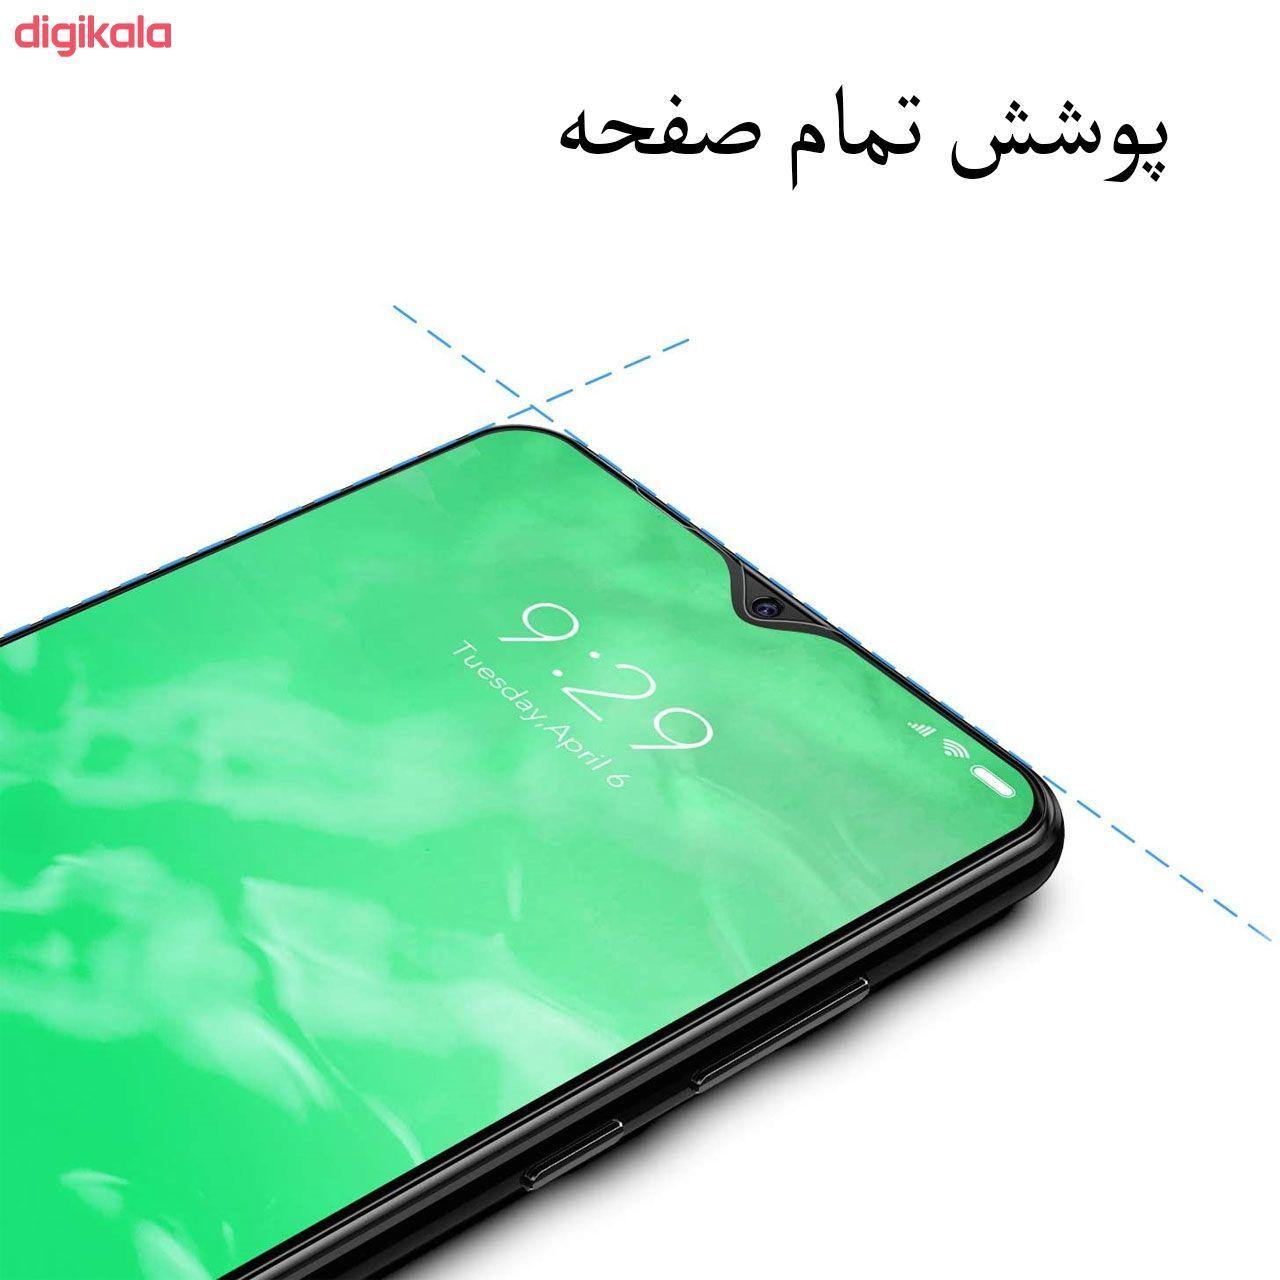 محافظ صفحه نمایش مدل FCG مناسب برای گوشی موبایل شیائومی Poco M3 بسته سه عددی main 1 4